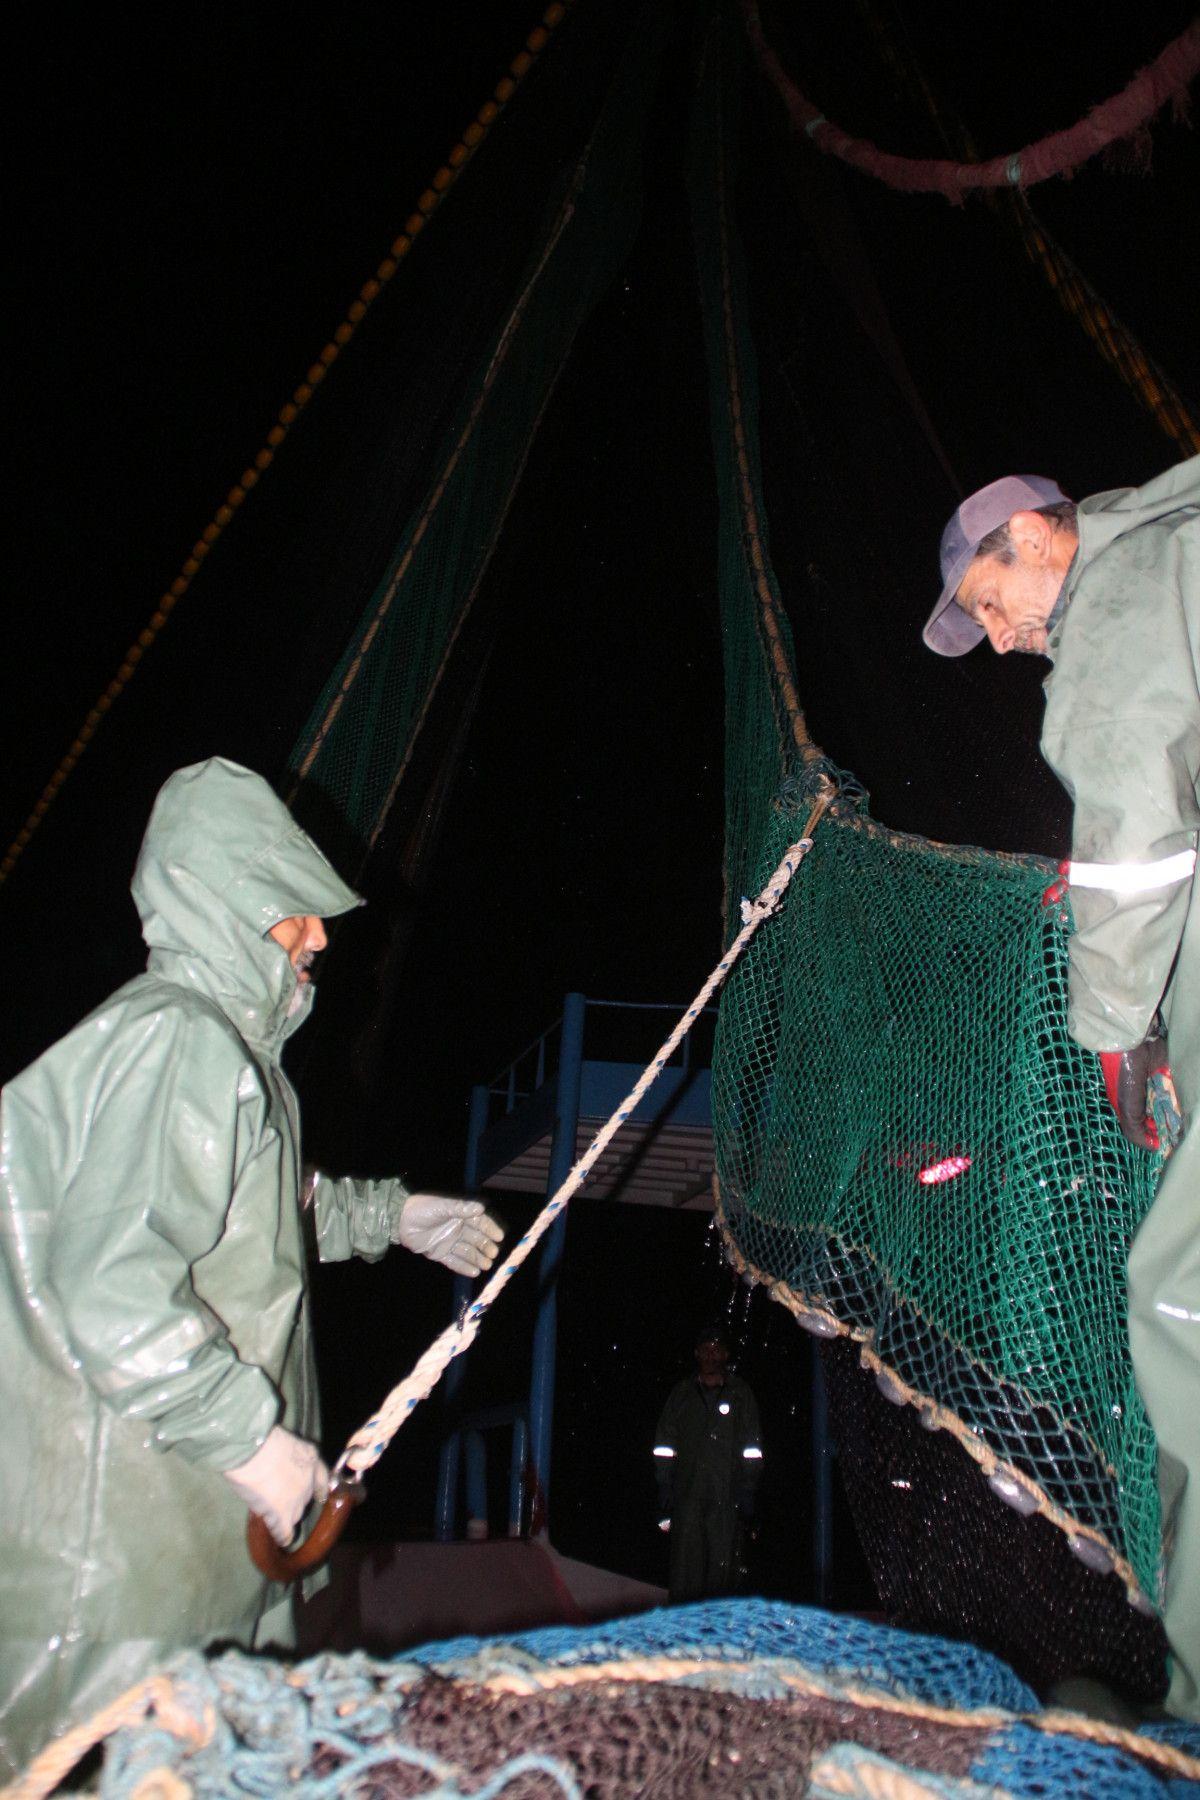 Artvin de balıkçılar için palamut heyecanı başladı #5